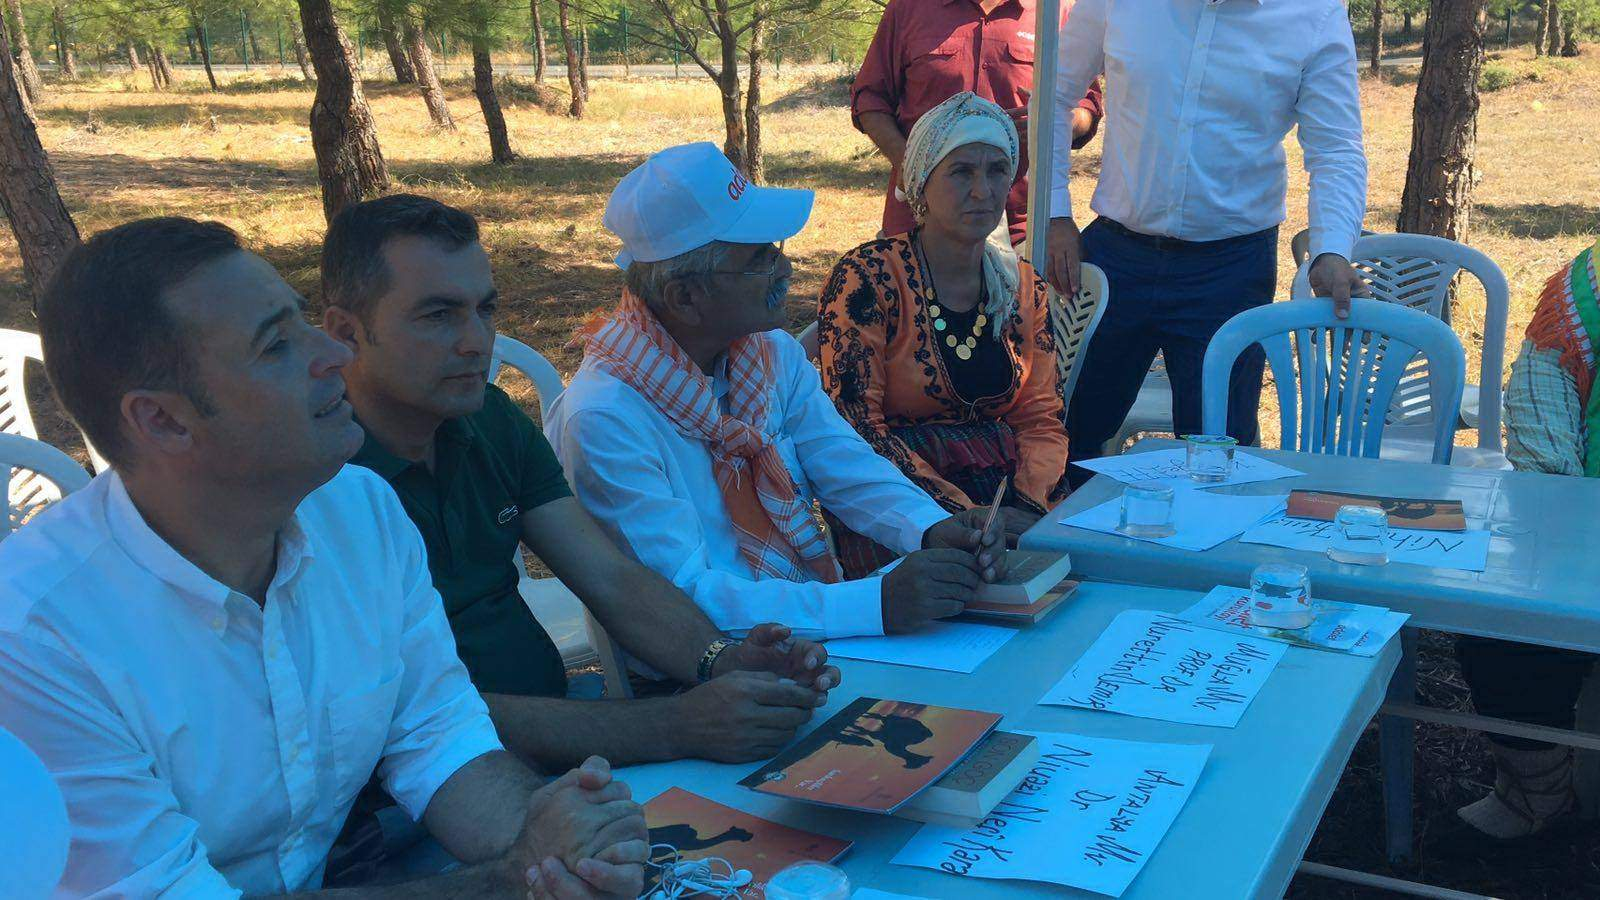 Adalet Kurultayı'nda Yörük Türkmen'leri konuştu vekiller dinledi